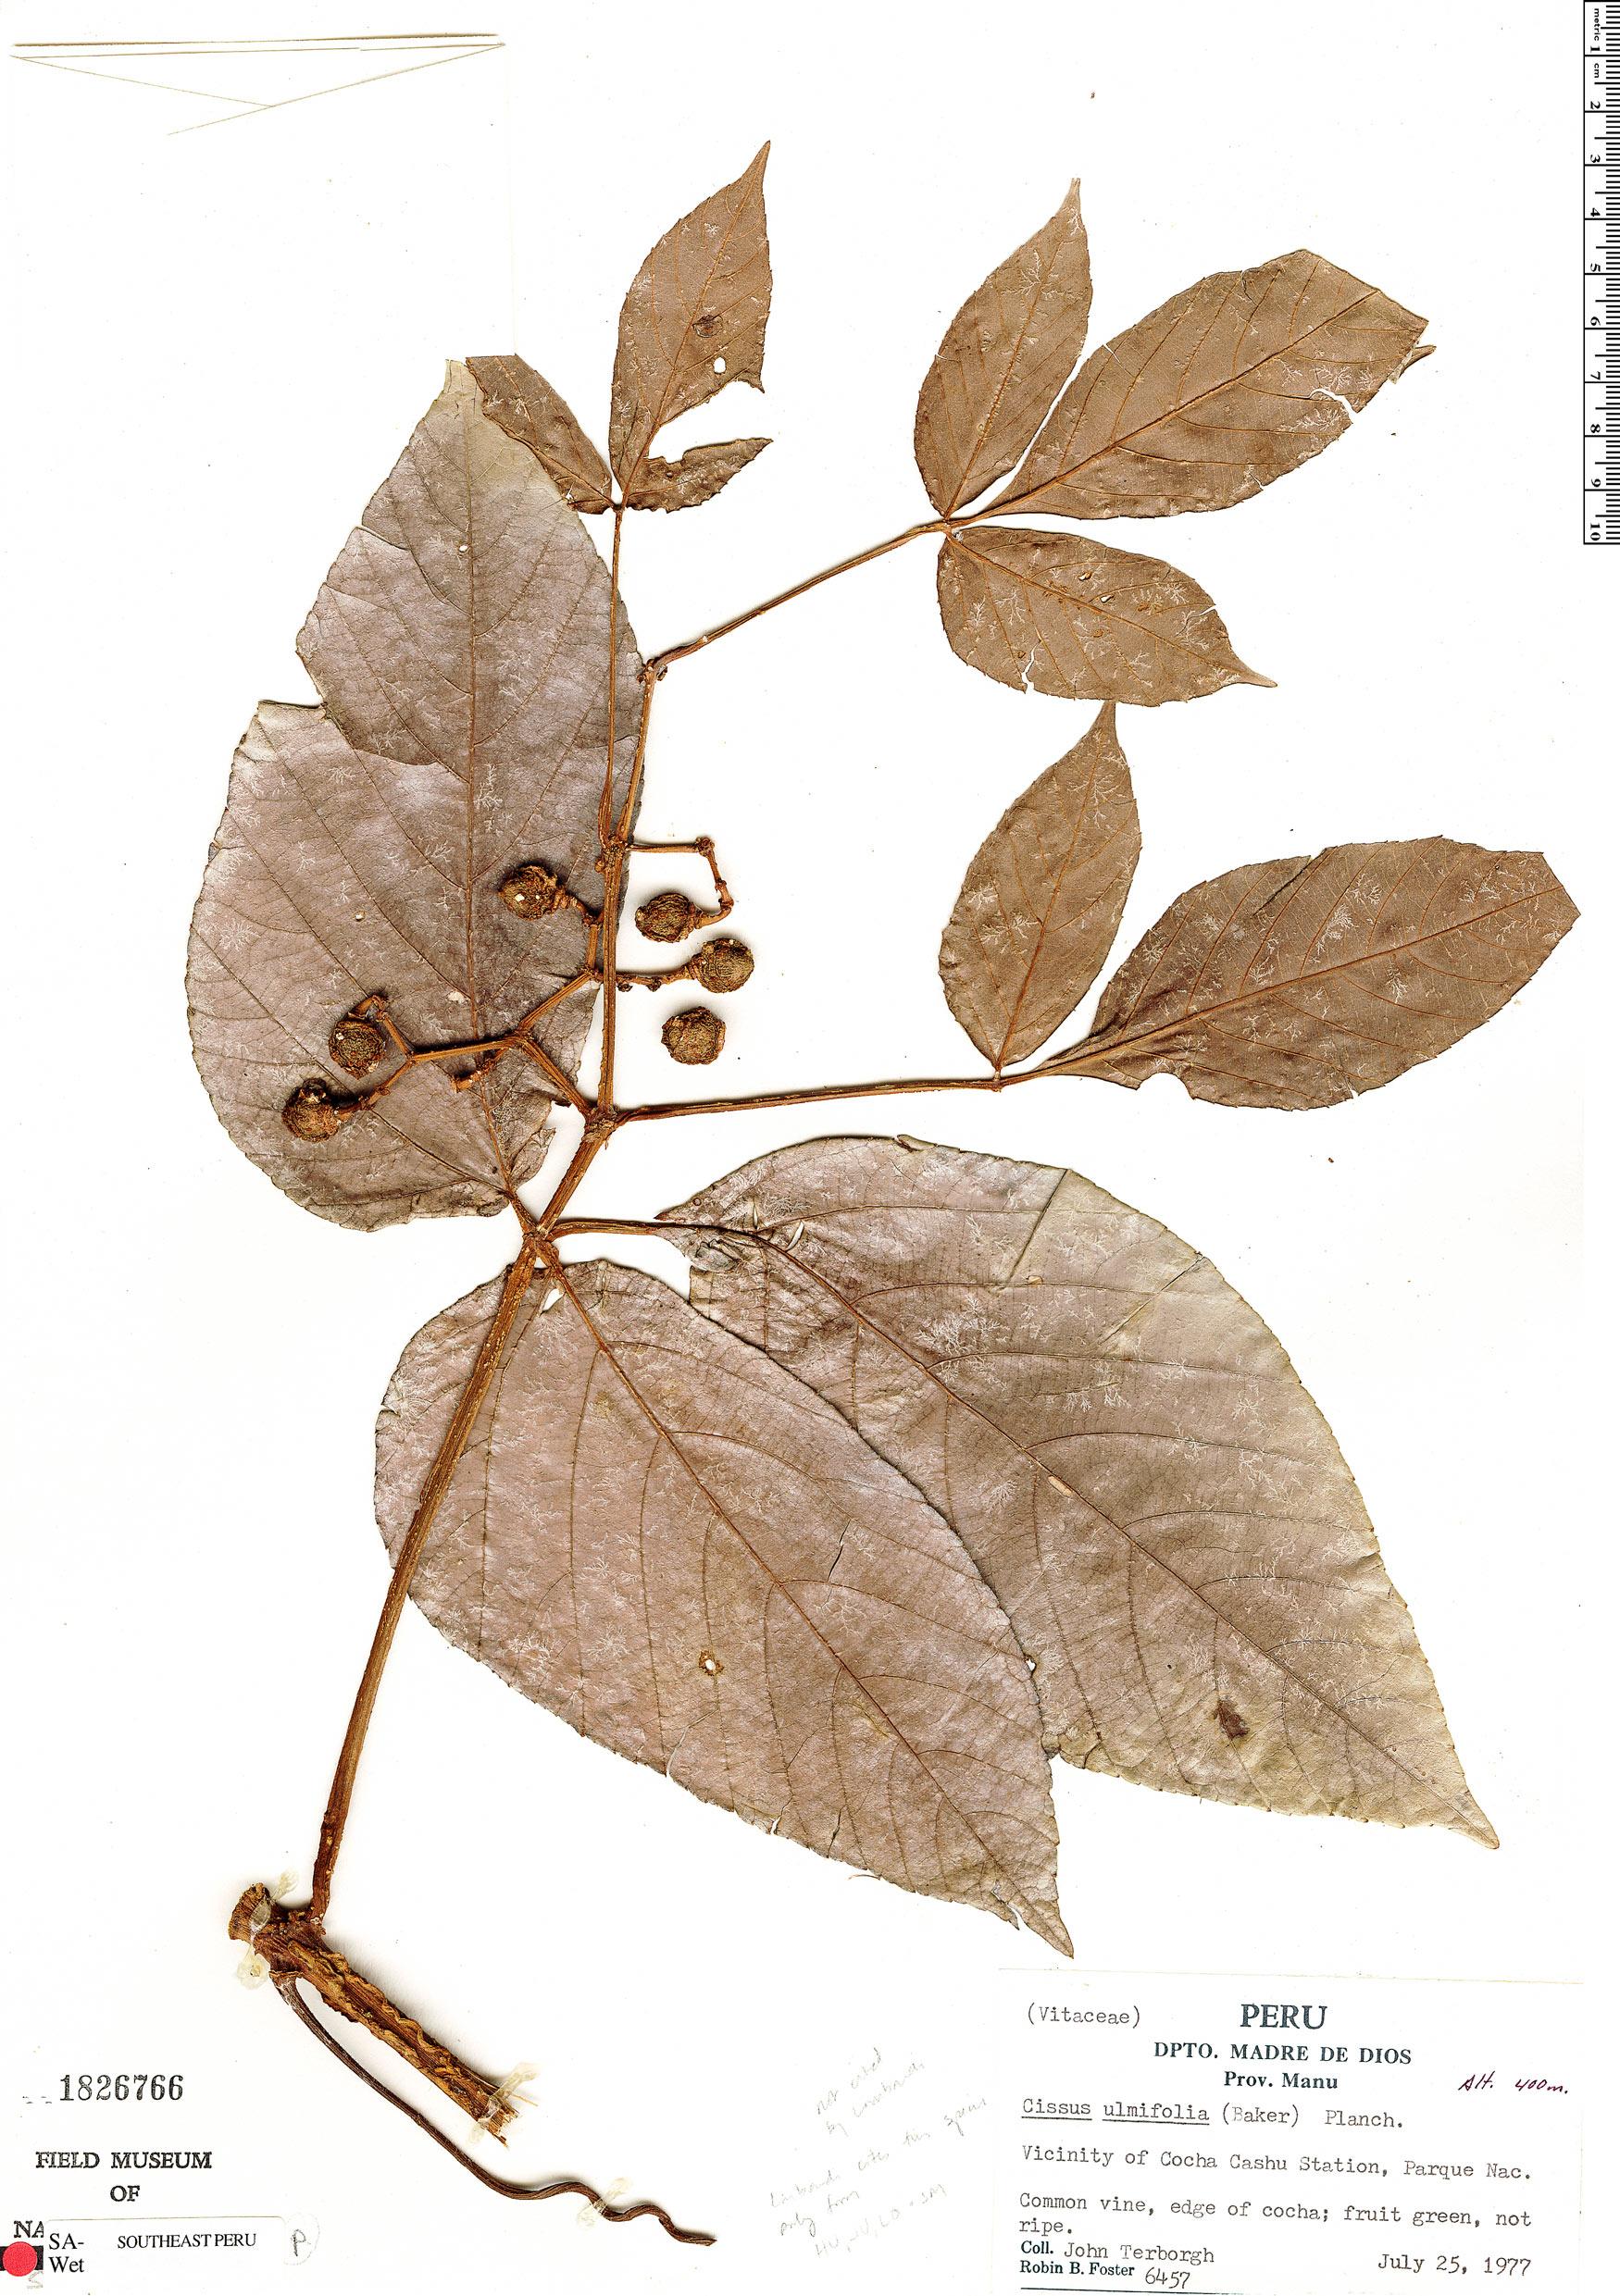 Espécimen: Cissus ulmifolia